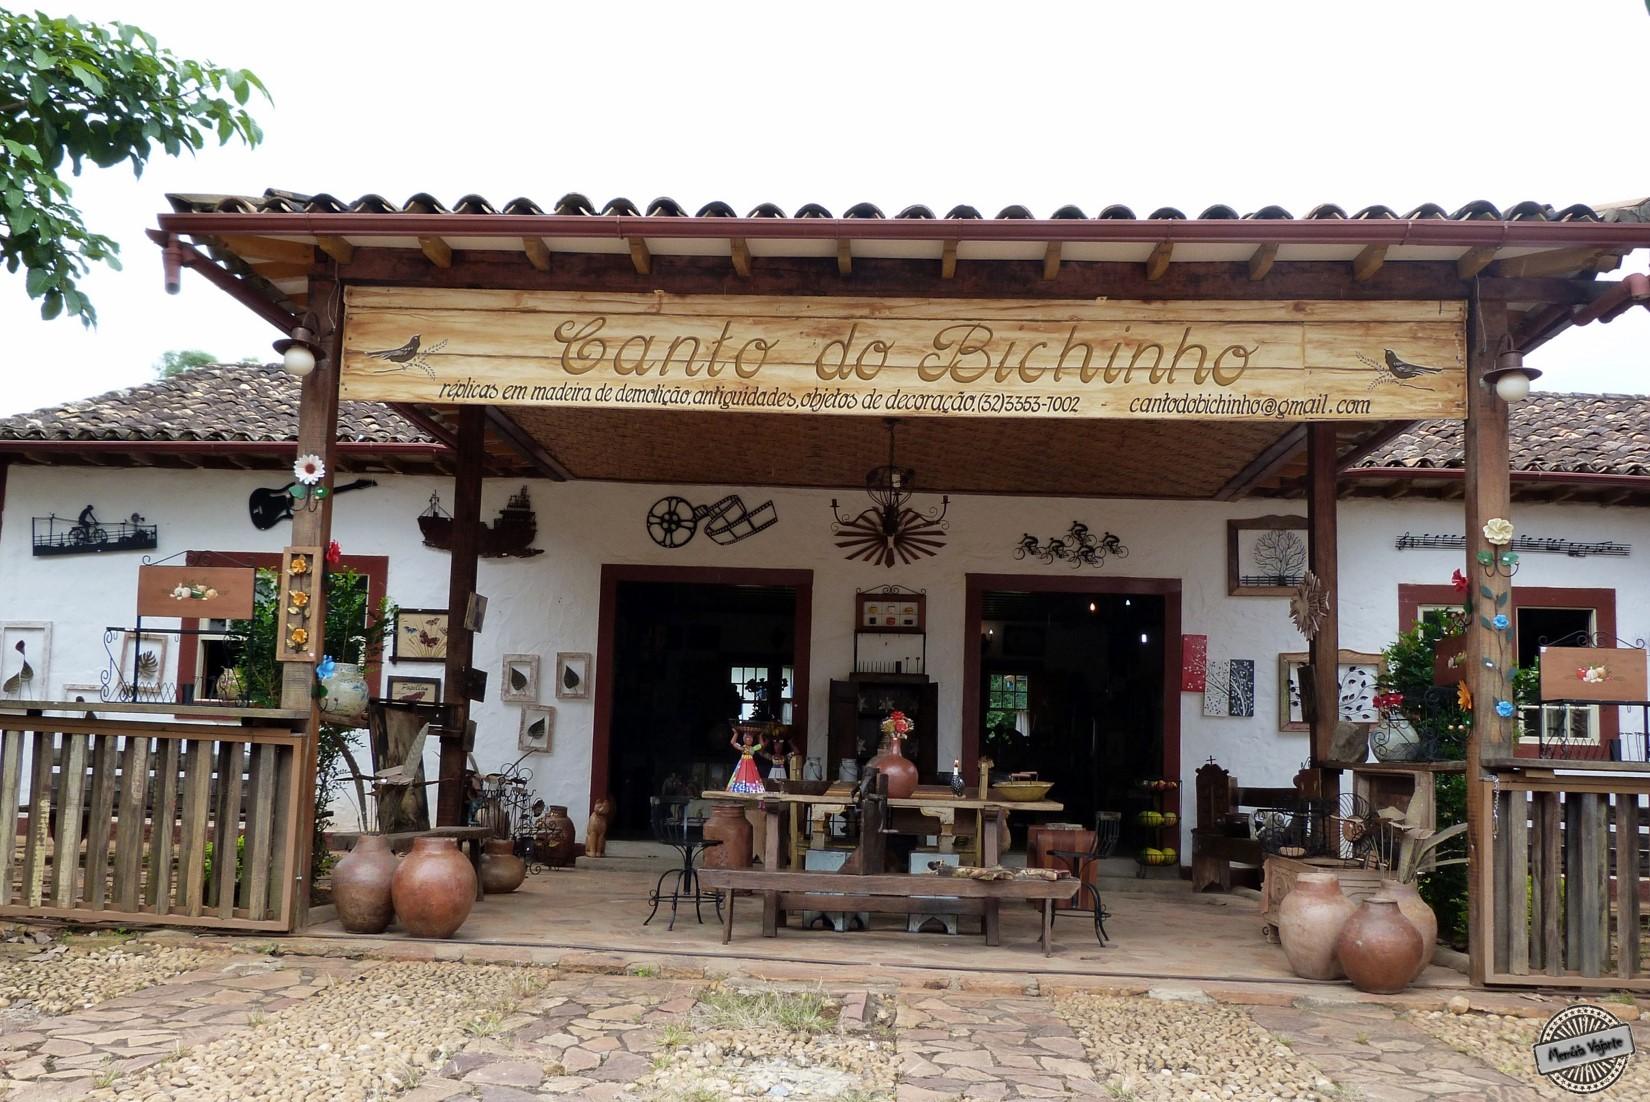 Artesanato De Resende Costa Minas Gerais ~ BATE E VOLTA A BICHINHO PRADOS MG POR MEMÓRIA VIAJANTEMemória Viajante